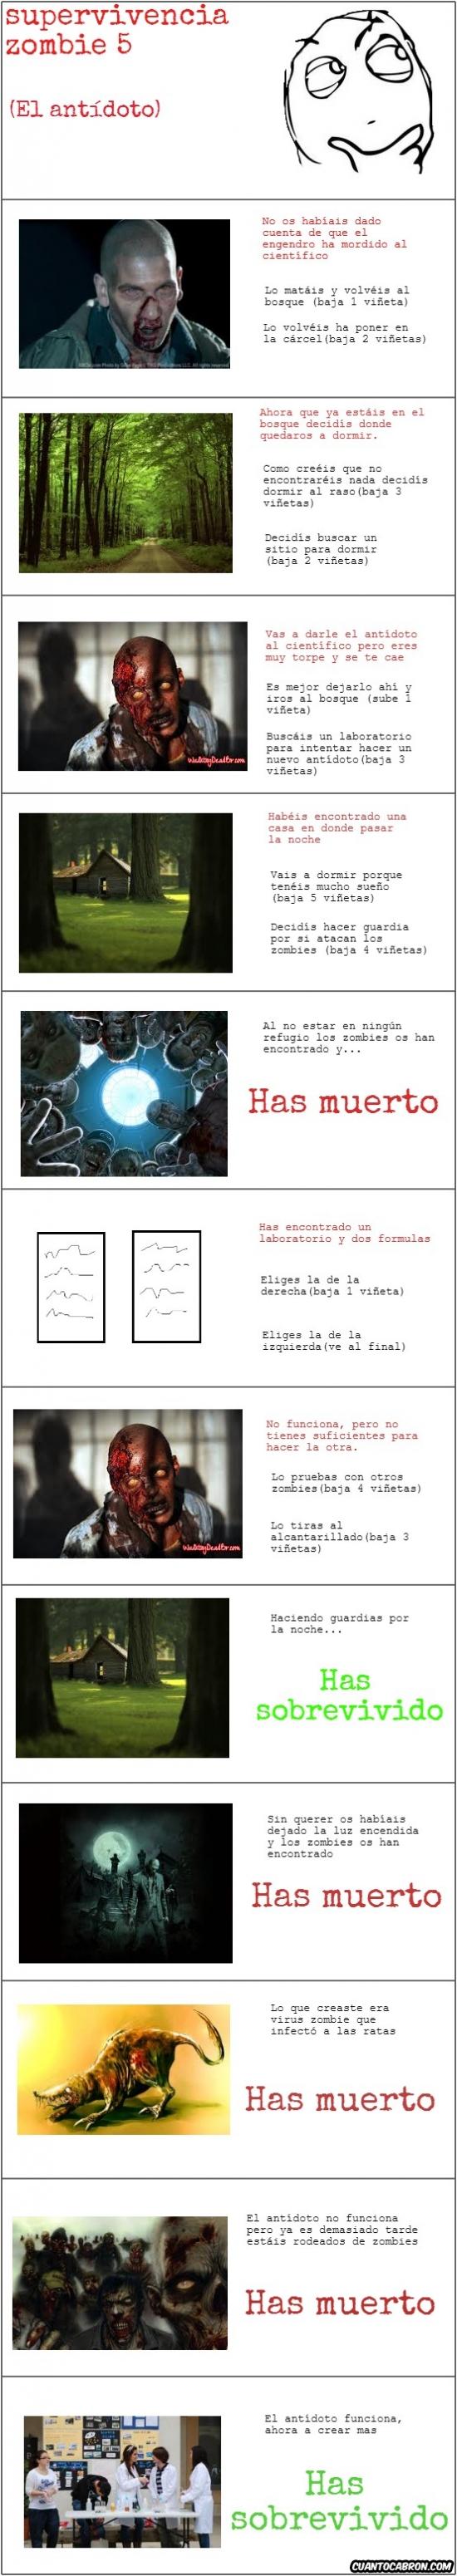 Otros - Supervivencia zombie 5 [cómic interactivo]